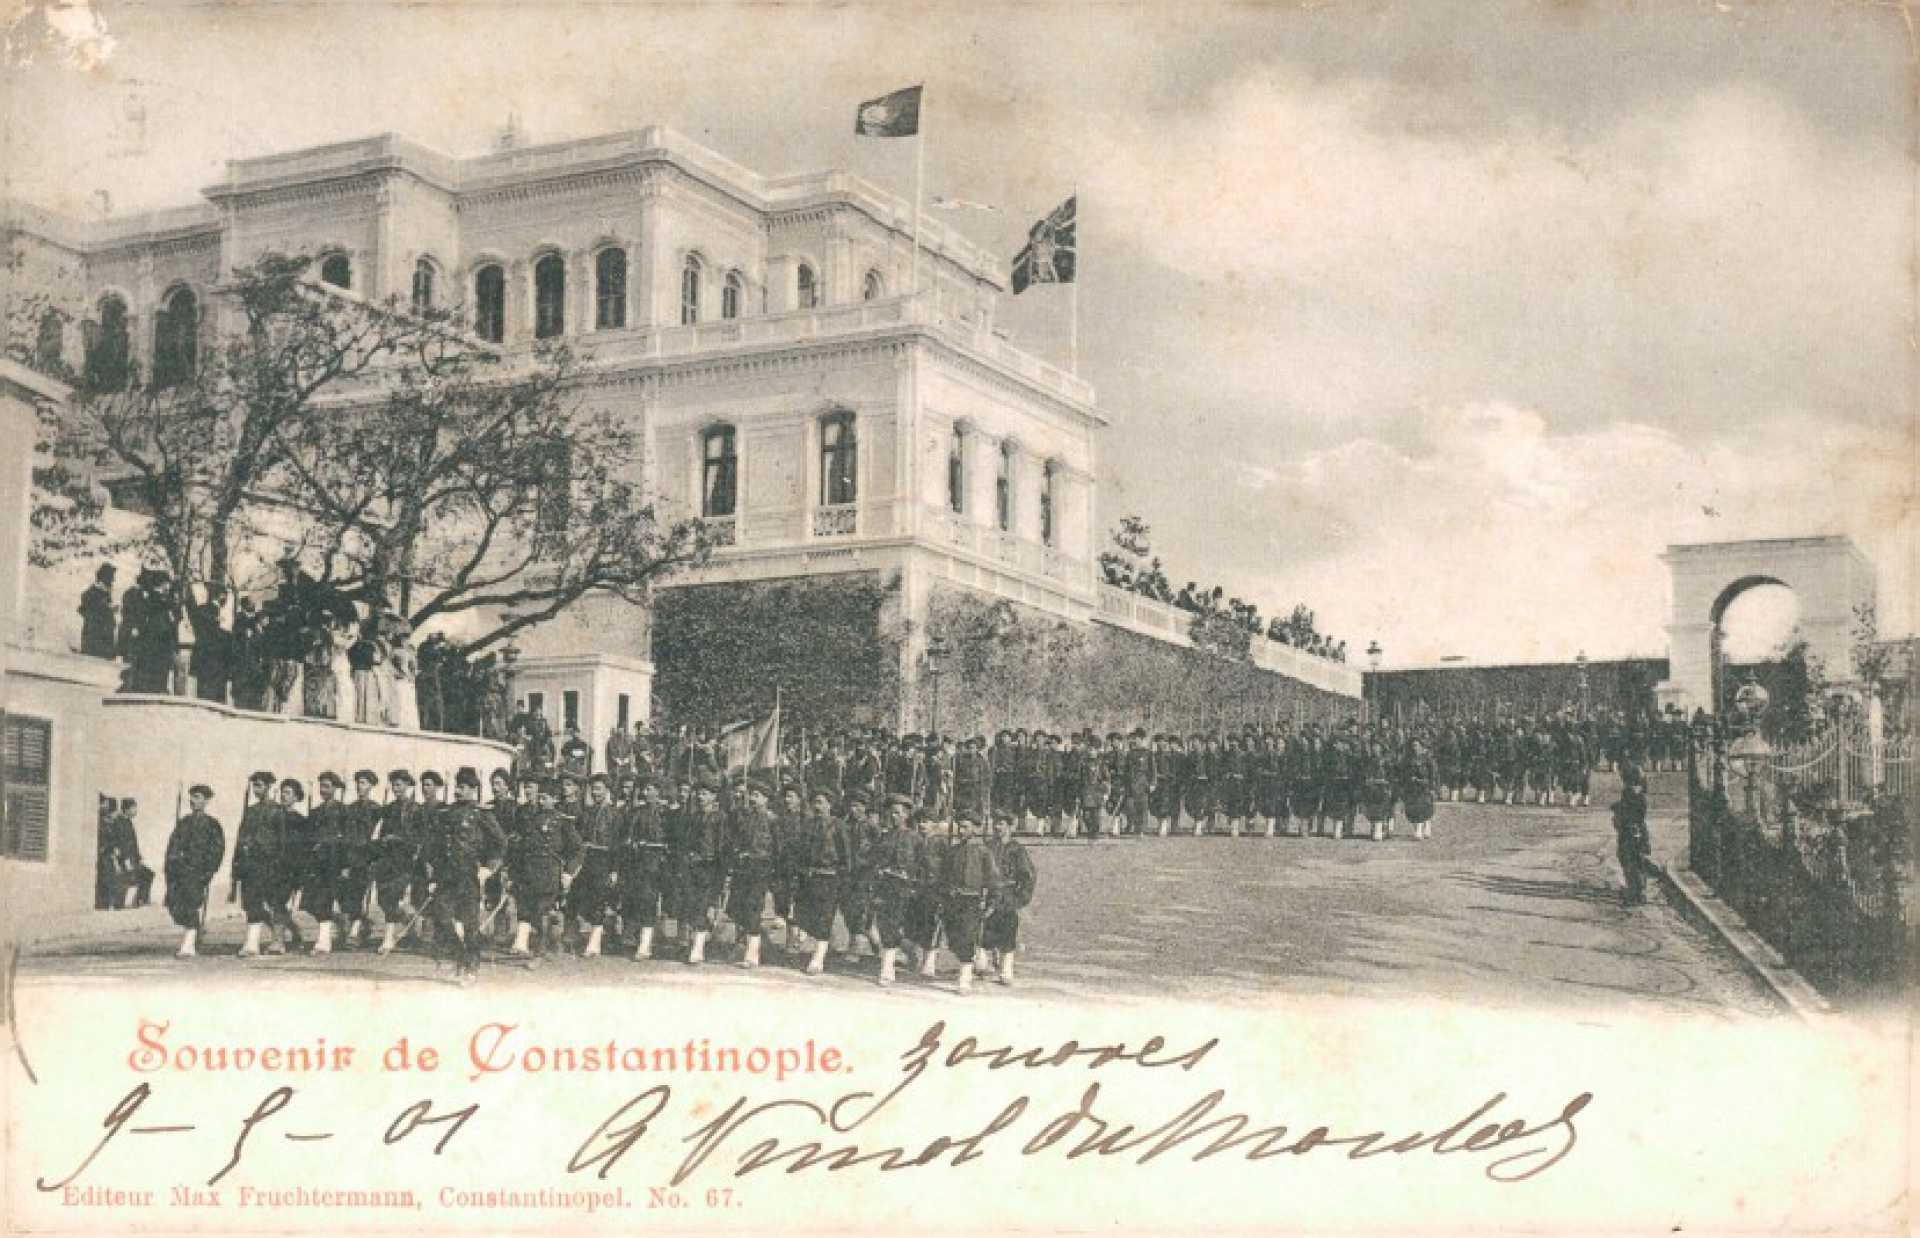 Le regiment des Zouaves